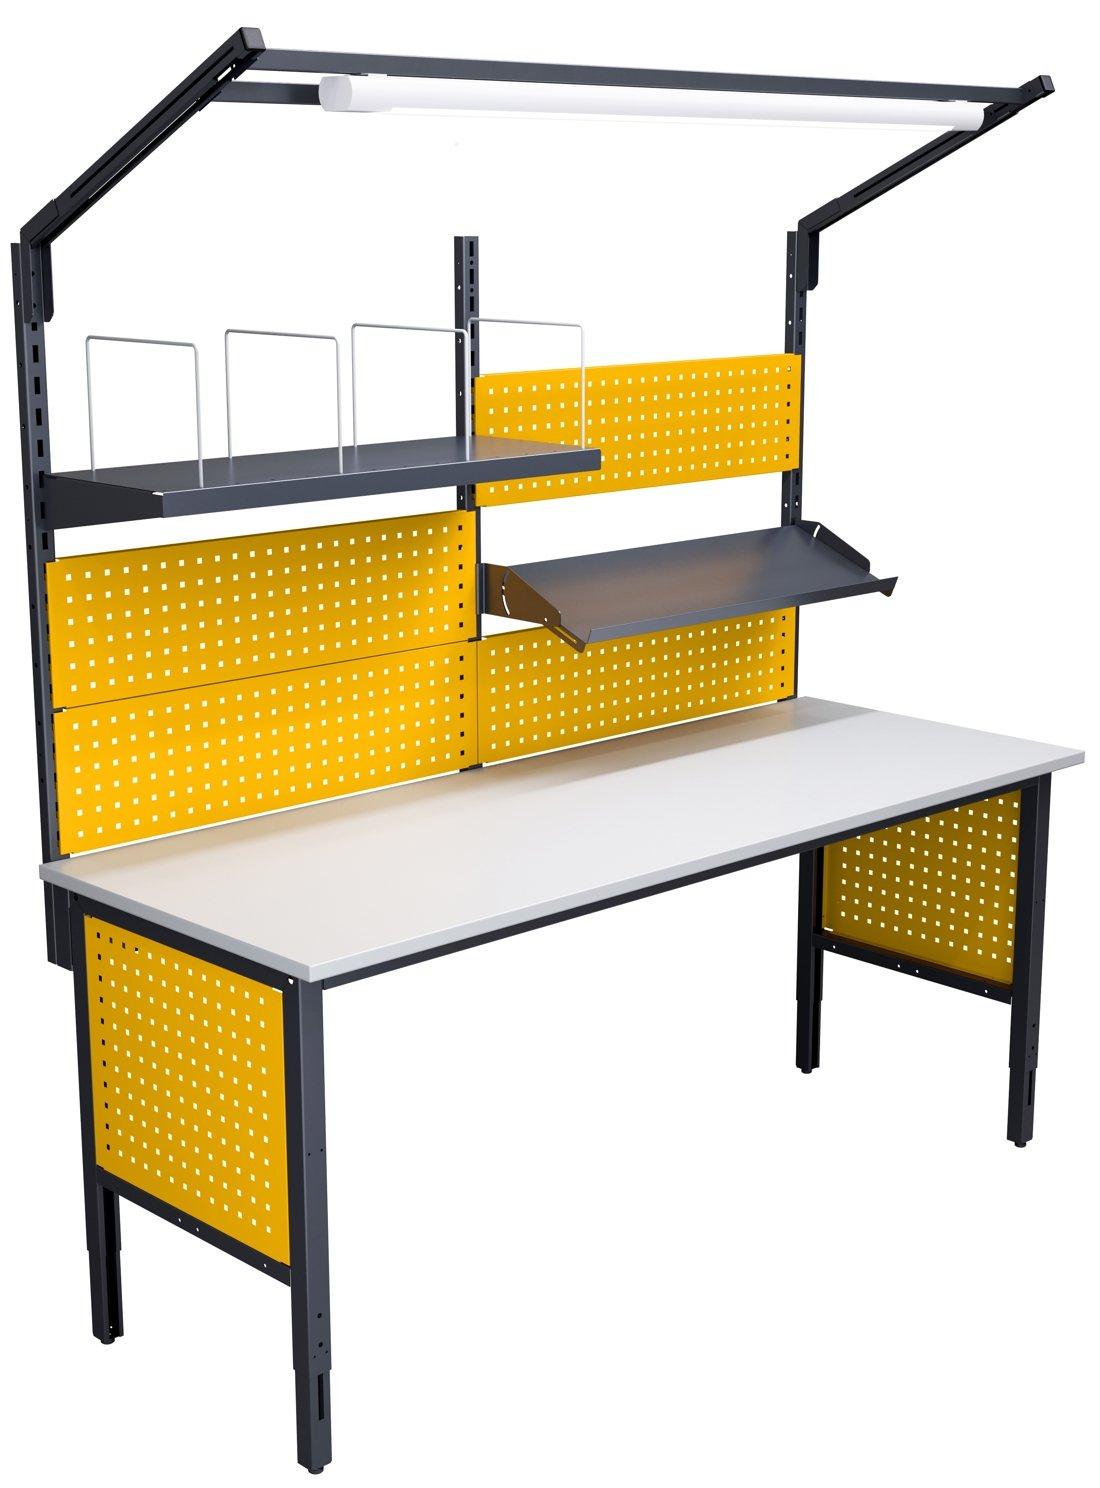 Stół kompletacyjny o szerokości 2000 mm wersja wyposażenia 03b